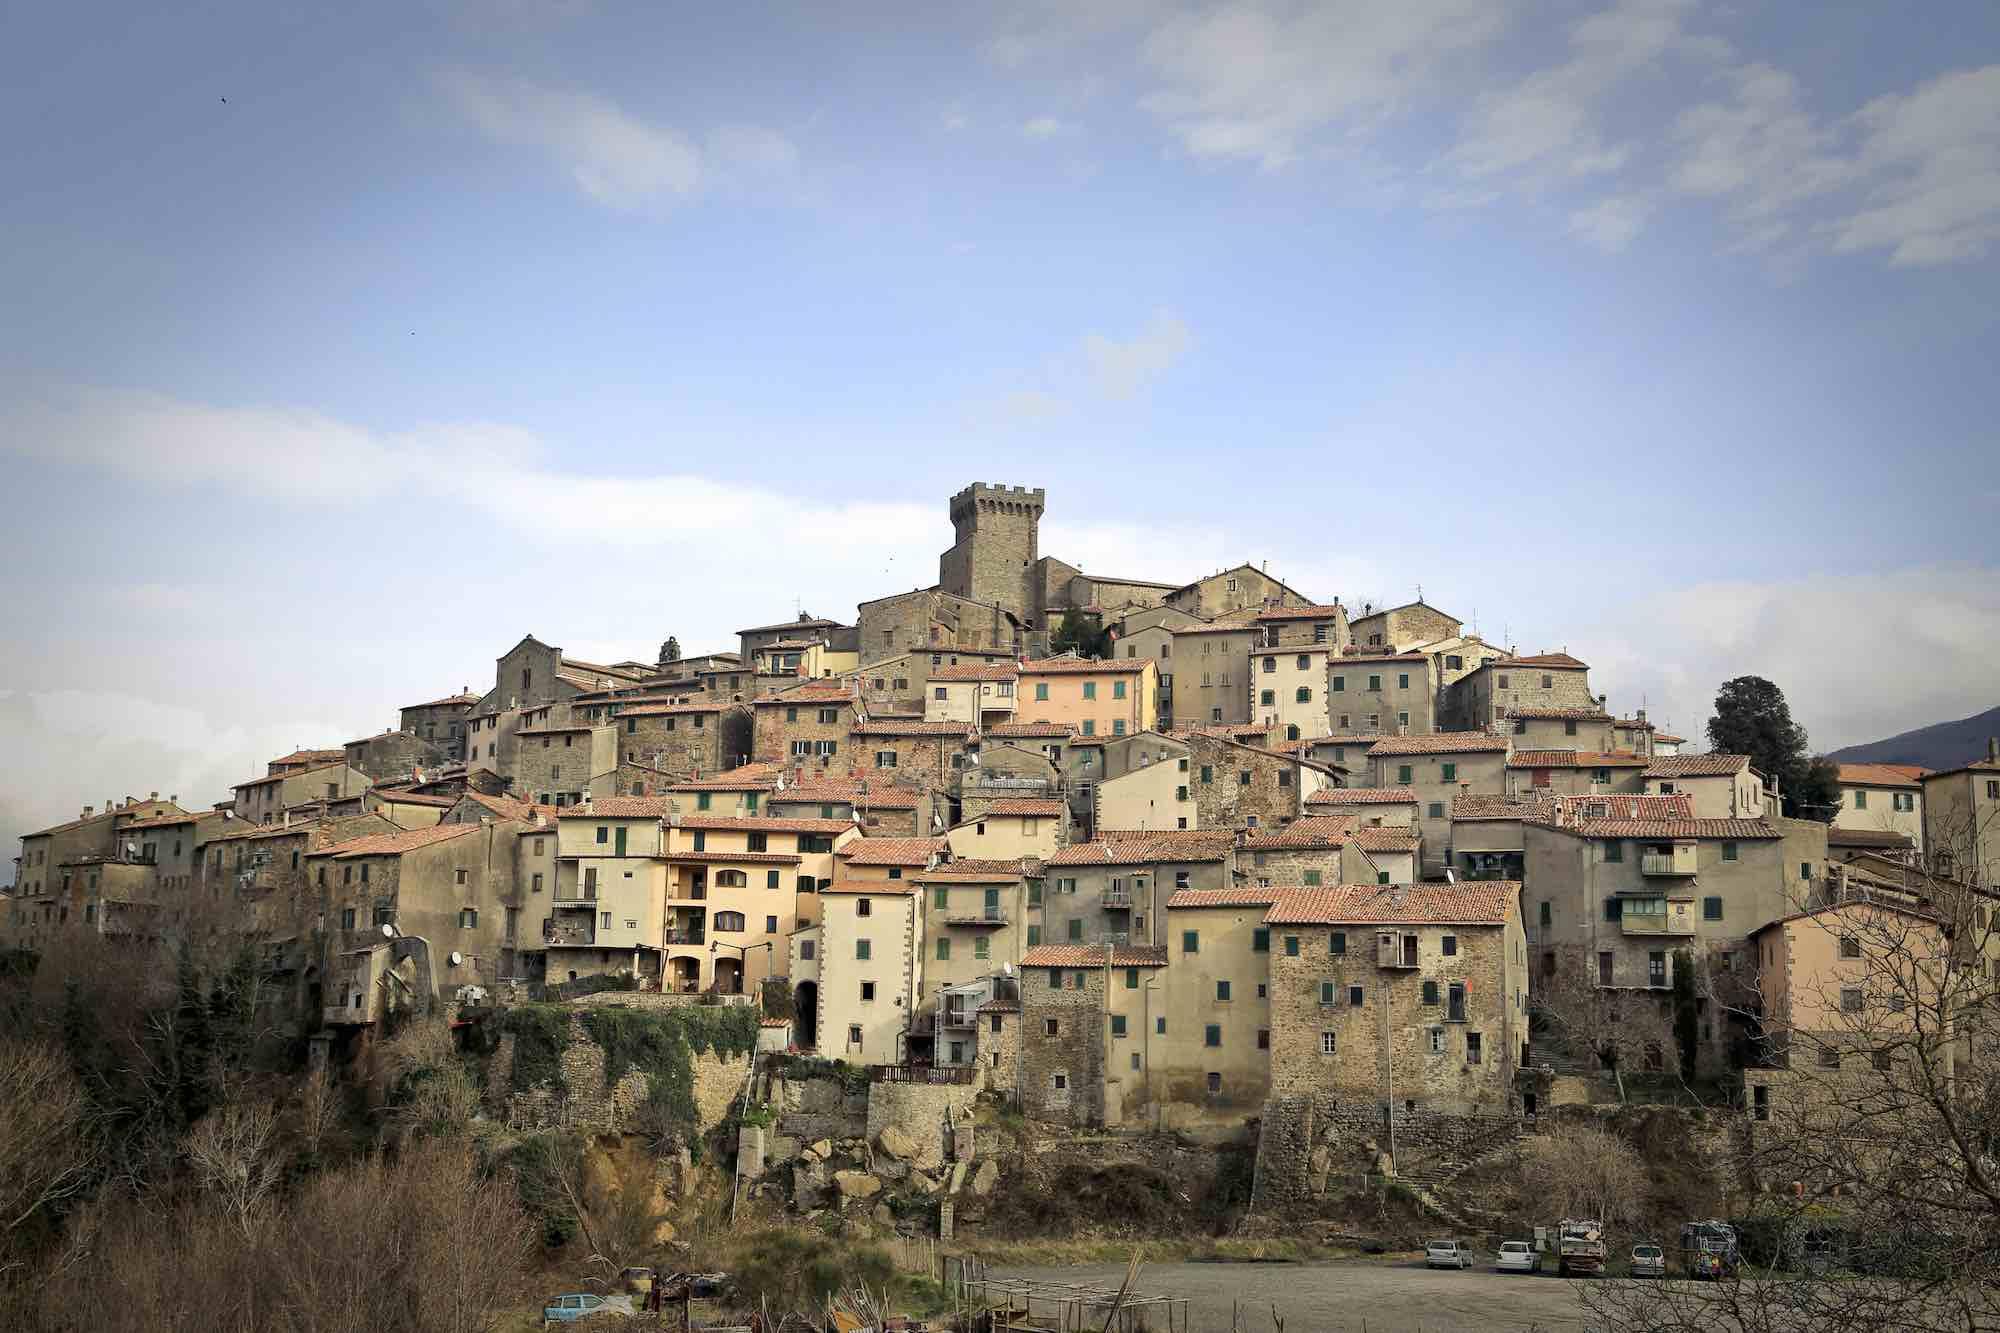 Vista panoramica su Arcidosso e la sua rocca aldobrandesca al centro del borgo